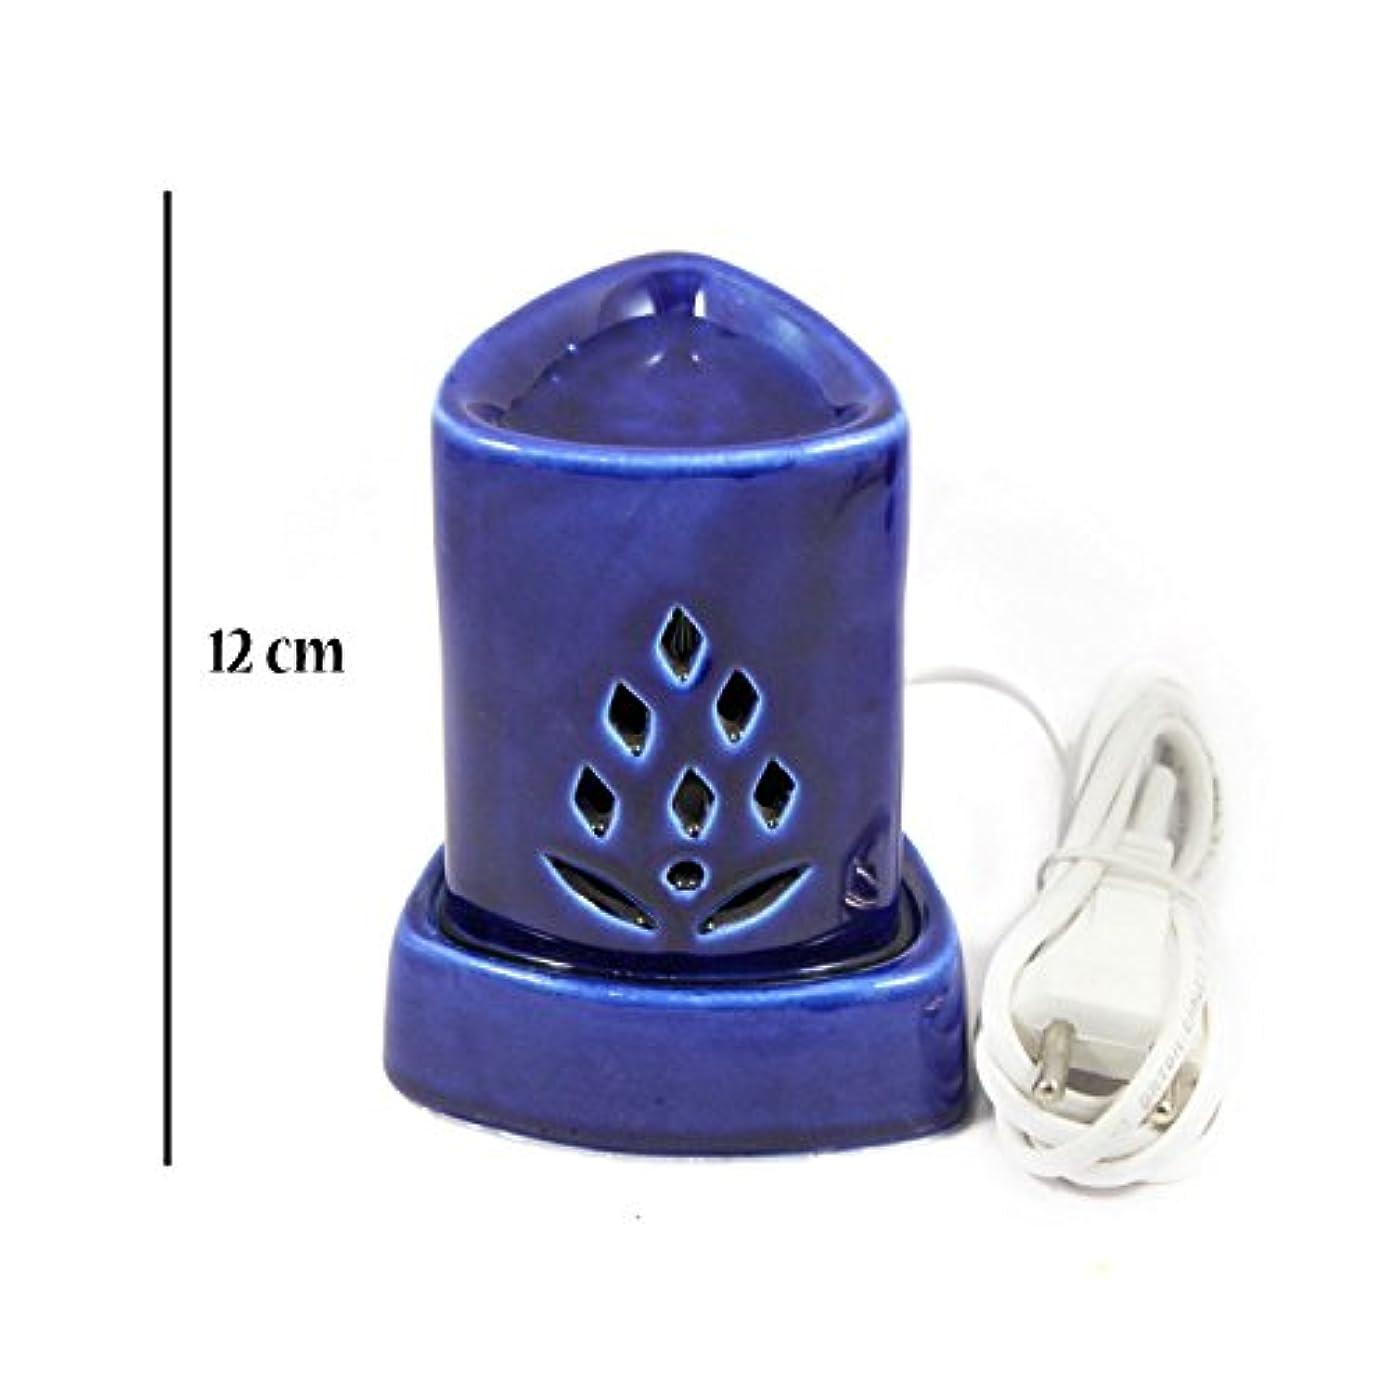 特殊簡単に同盟インドホームインテリア定期的な使用法汚染フリーハンドメイドセラミック粘土電気アロマオイルバーナー&ティーライトランプ/良質ホワイトカラー電気アロマオイルバーナーまたはアロマオイルディフューザー数量1